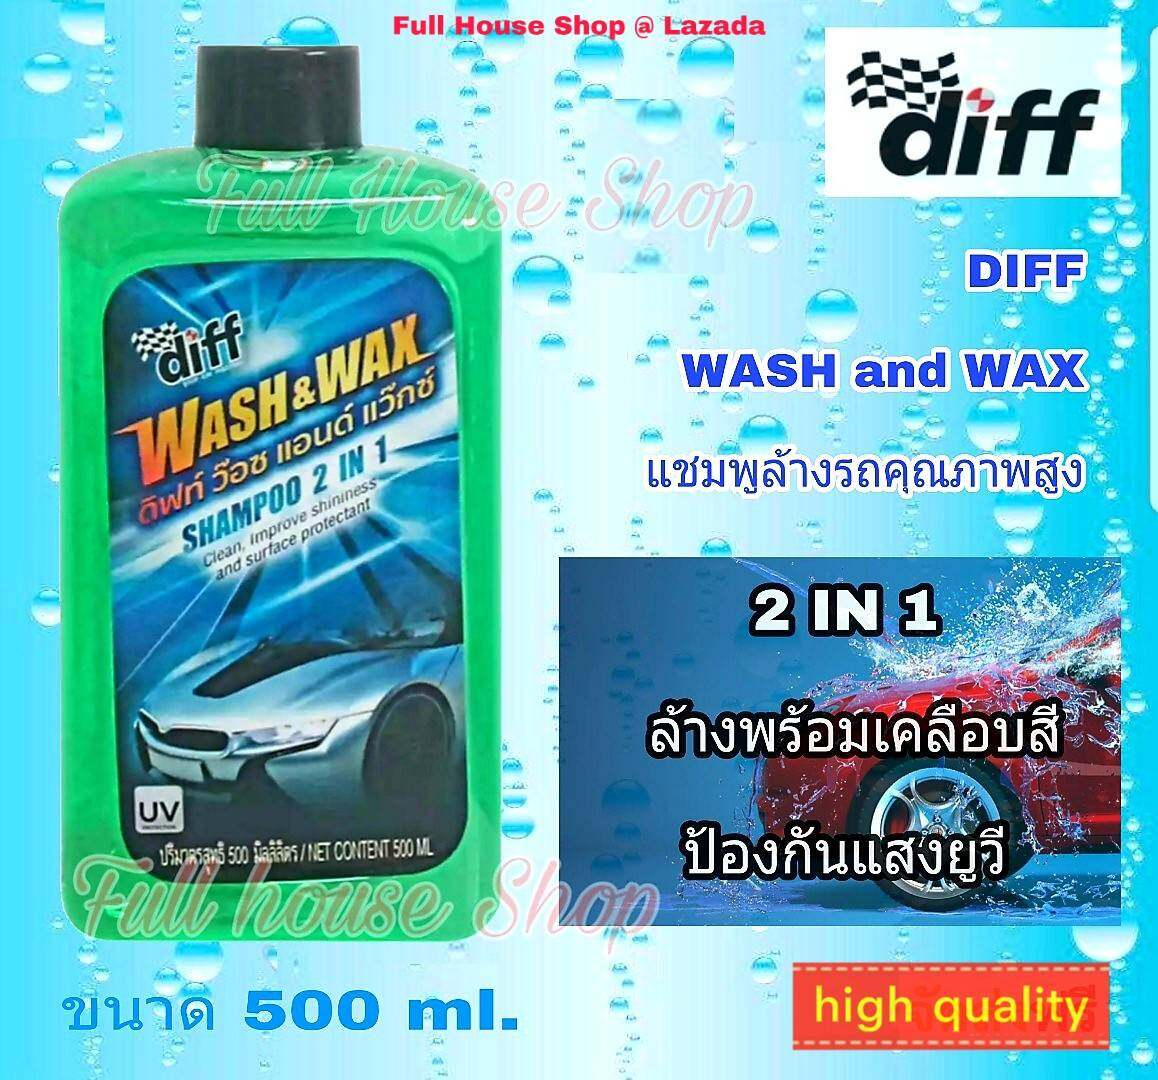 แชมพูล้างรถ 2 In 1 น้ำยาล้างรถคุณภาพสูง  Diff Wash & Wax  ล้างรถพร้อมเคลือบเงา Shampoo 2 In 1 ขนาด 500 Ml..